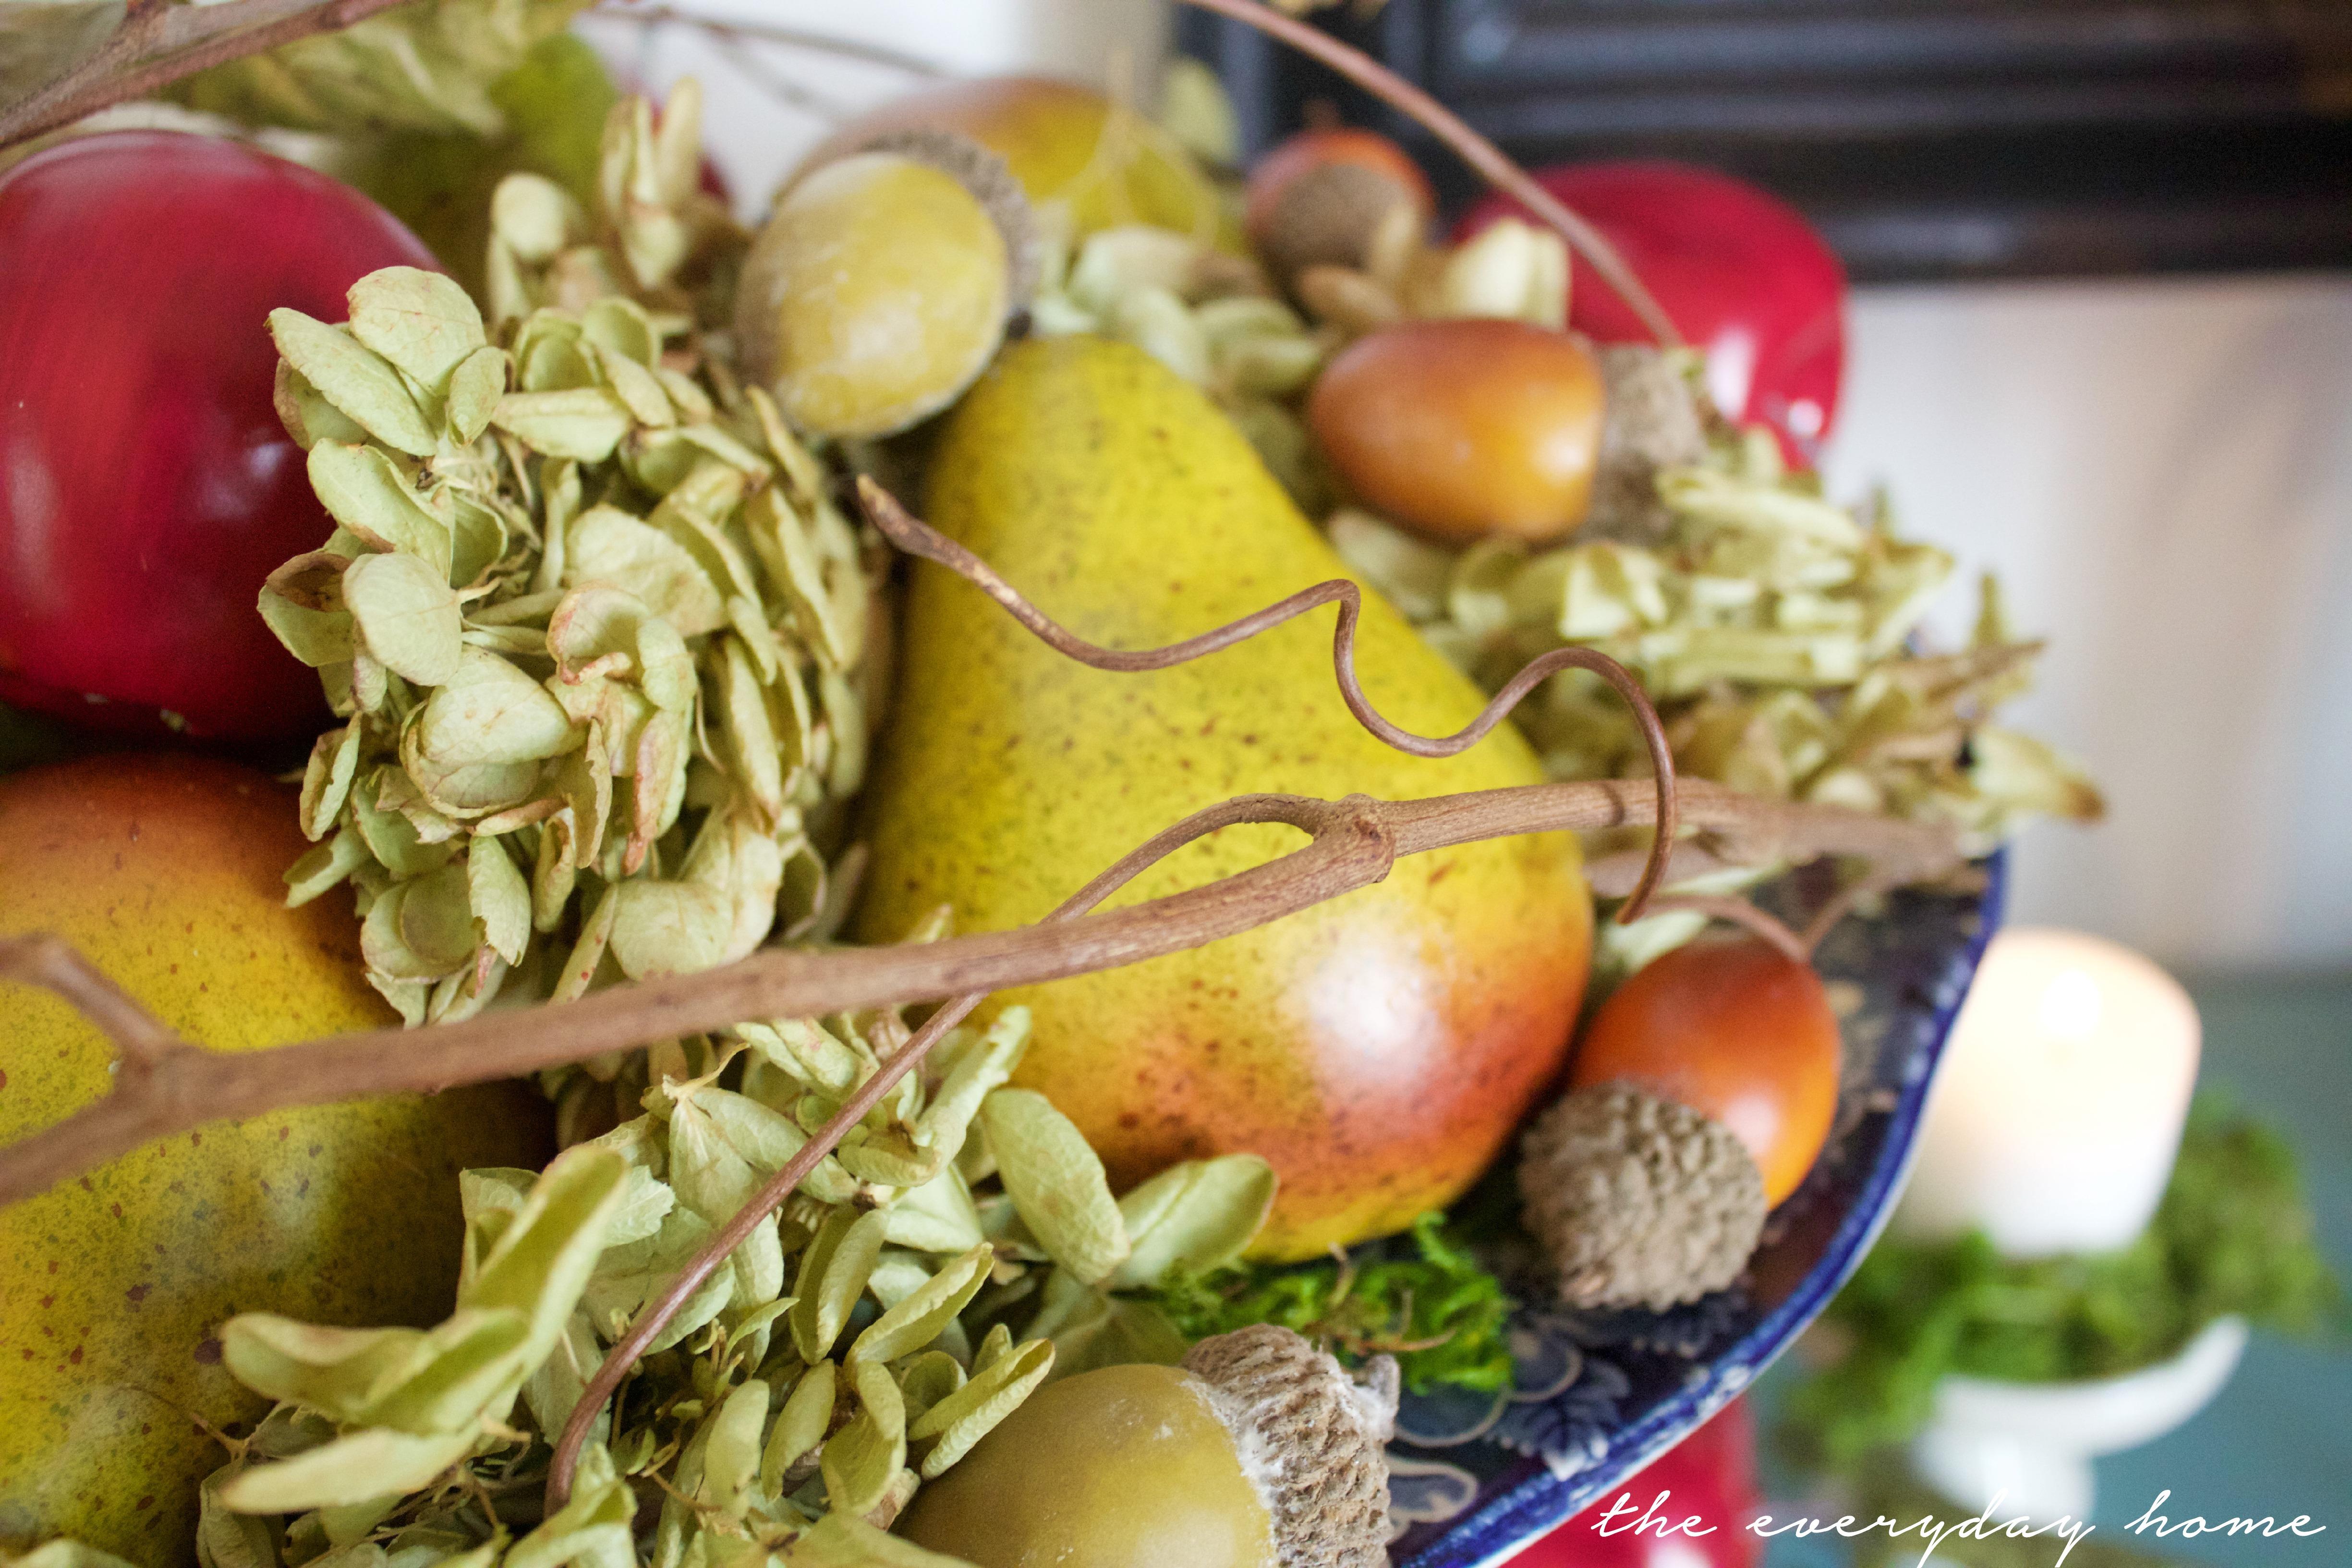 Farmhouse Harvest Platter | The Everyday Home | www.everydayhomeblog.com